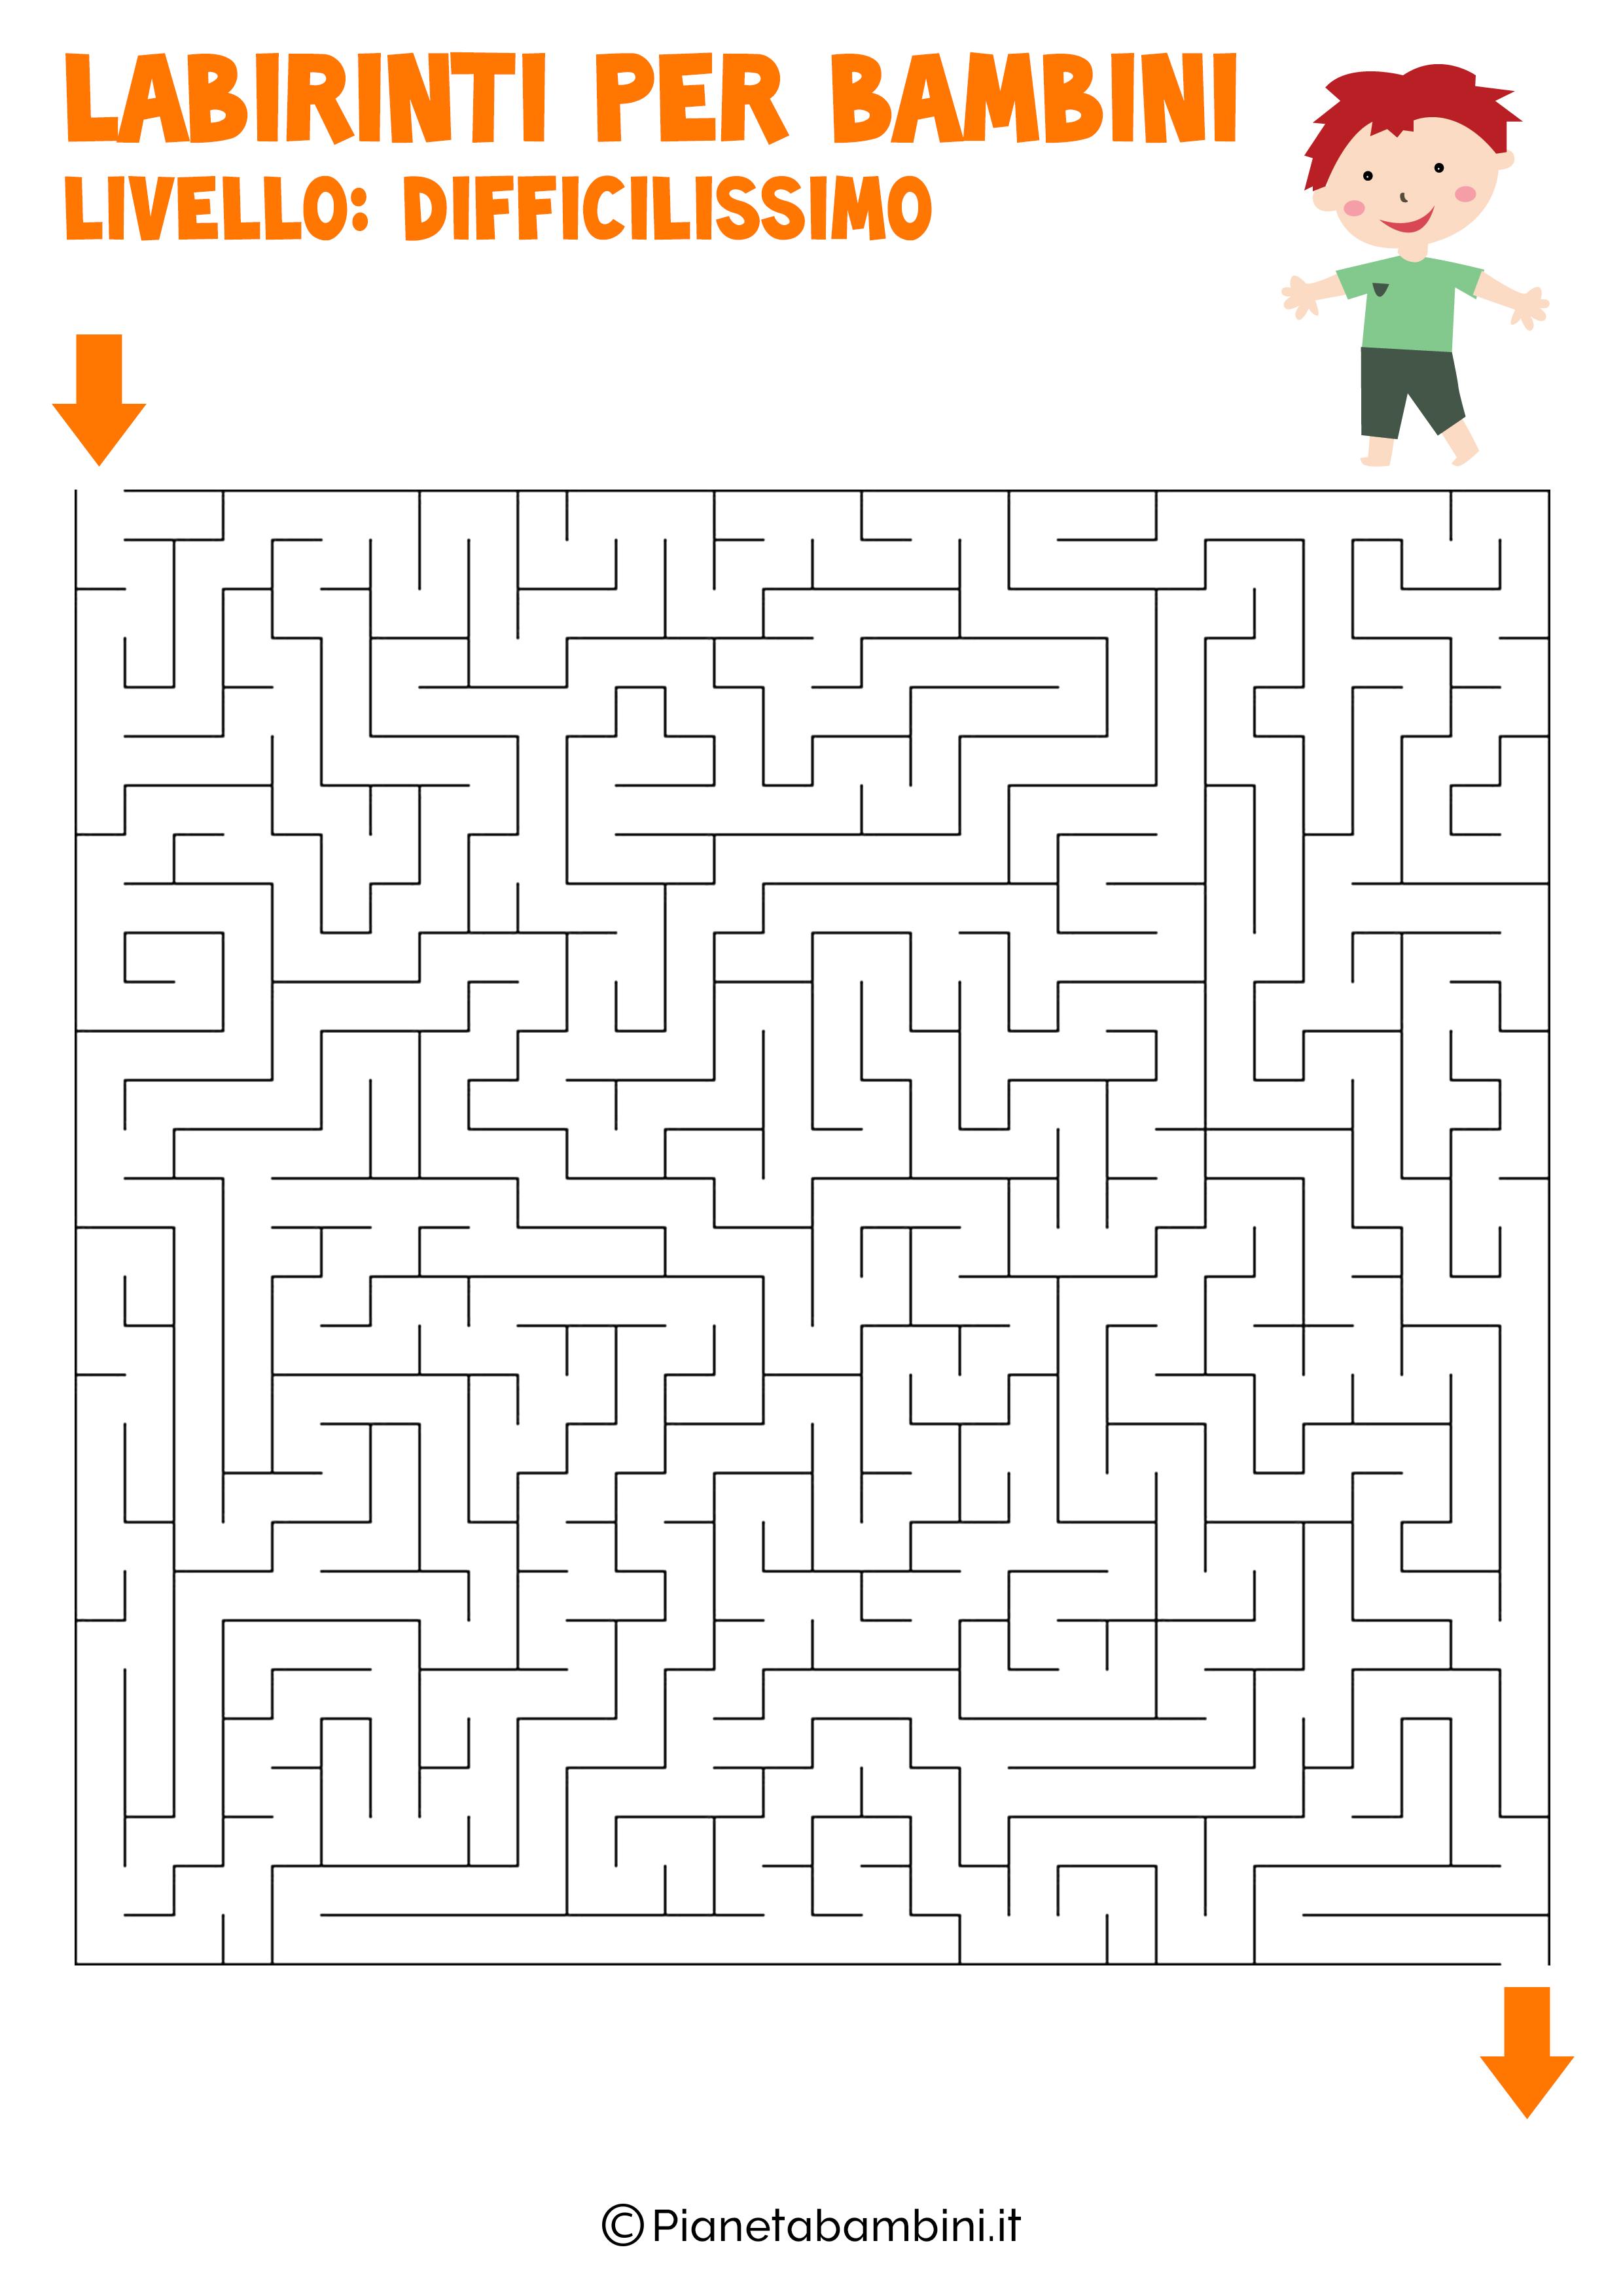 Labirinti-Difficilissimi-Bambini-05